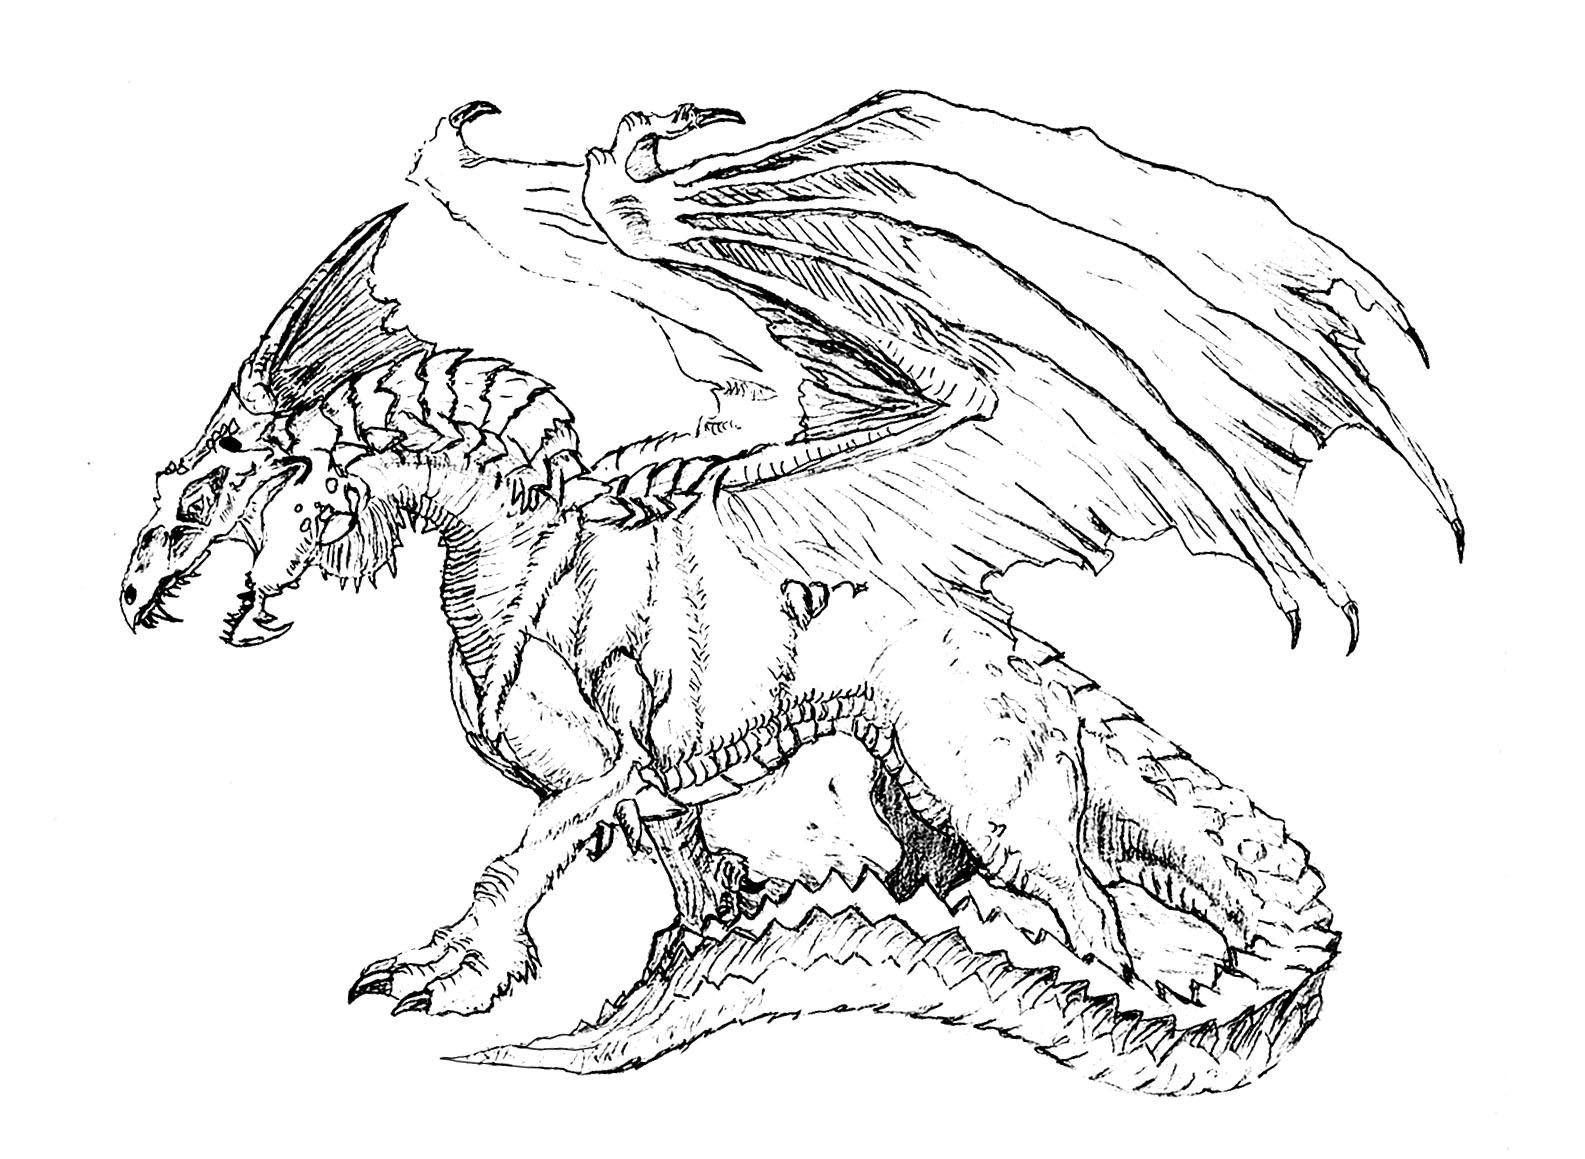 Effrayant Dragon Dragons Coloriages Difficiles Pour Adultes